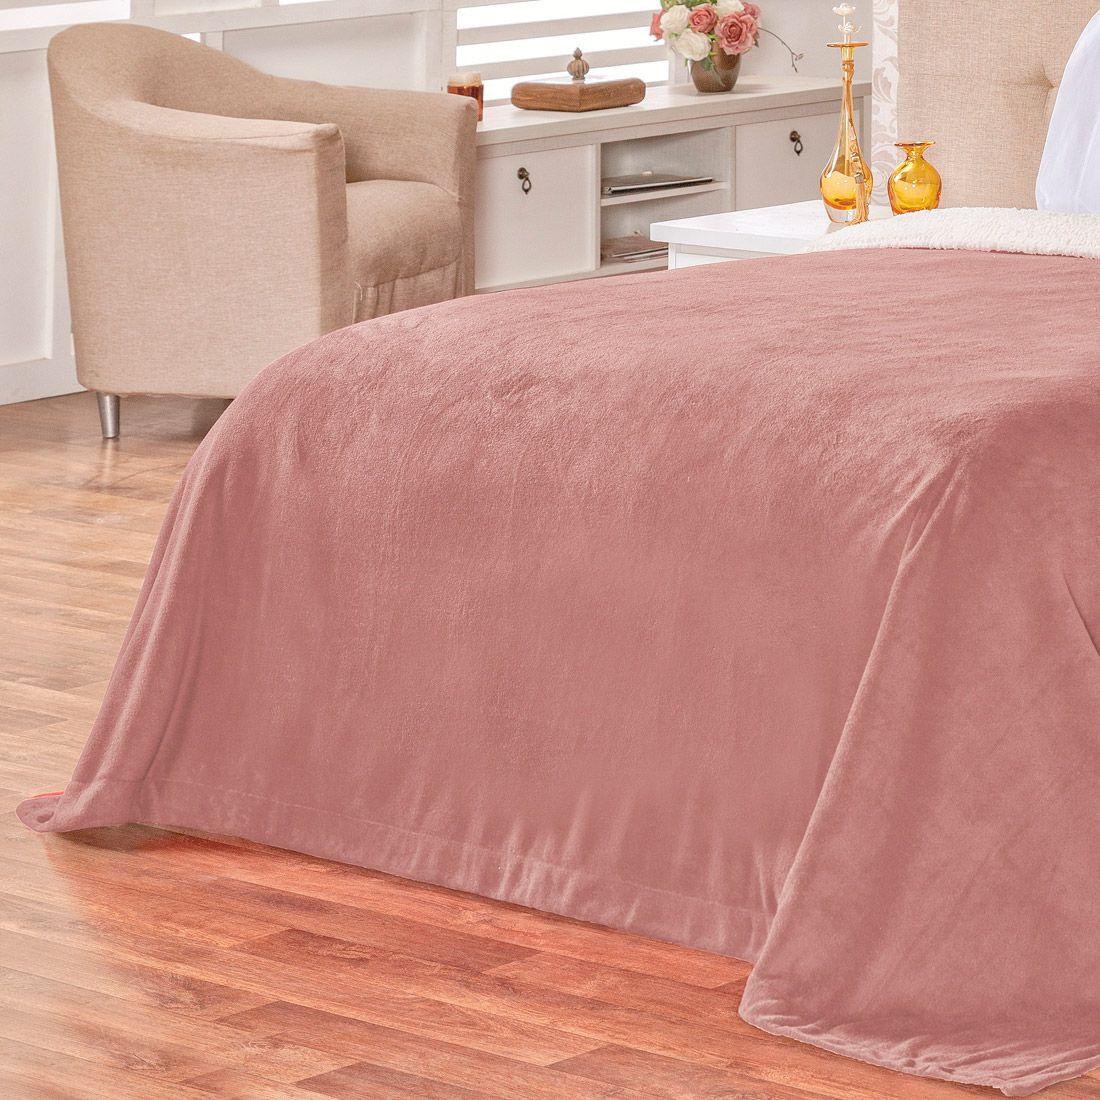 Cobertor Malmo Rosê Dupla Face King - Tecido Sherpa e Manta Microfibra